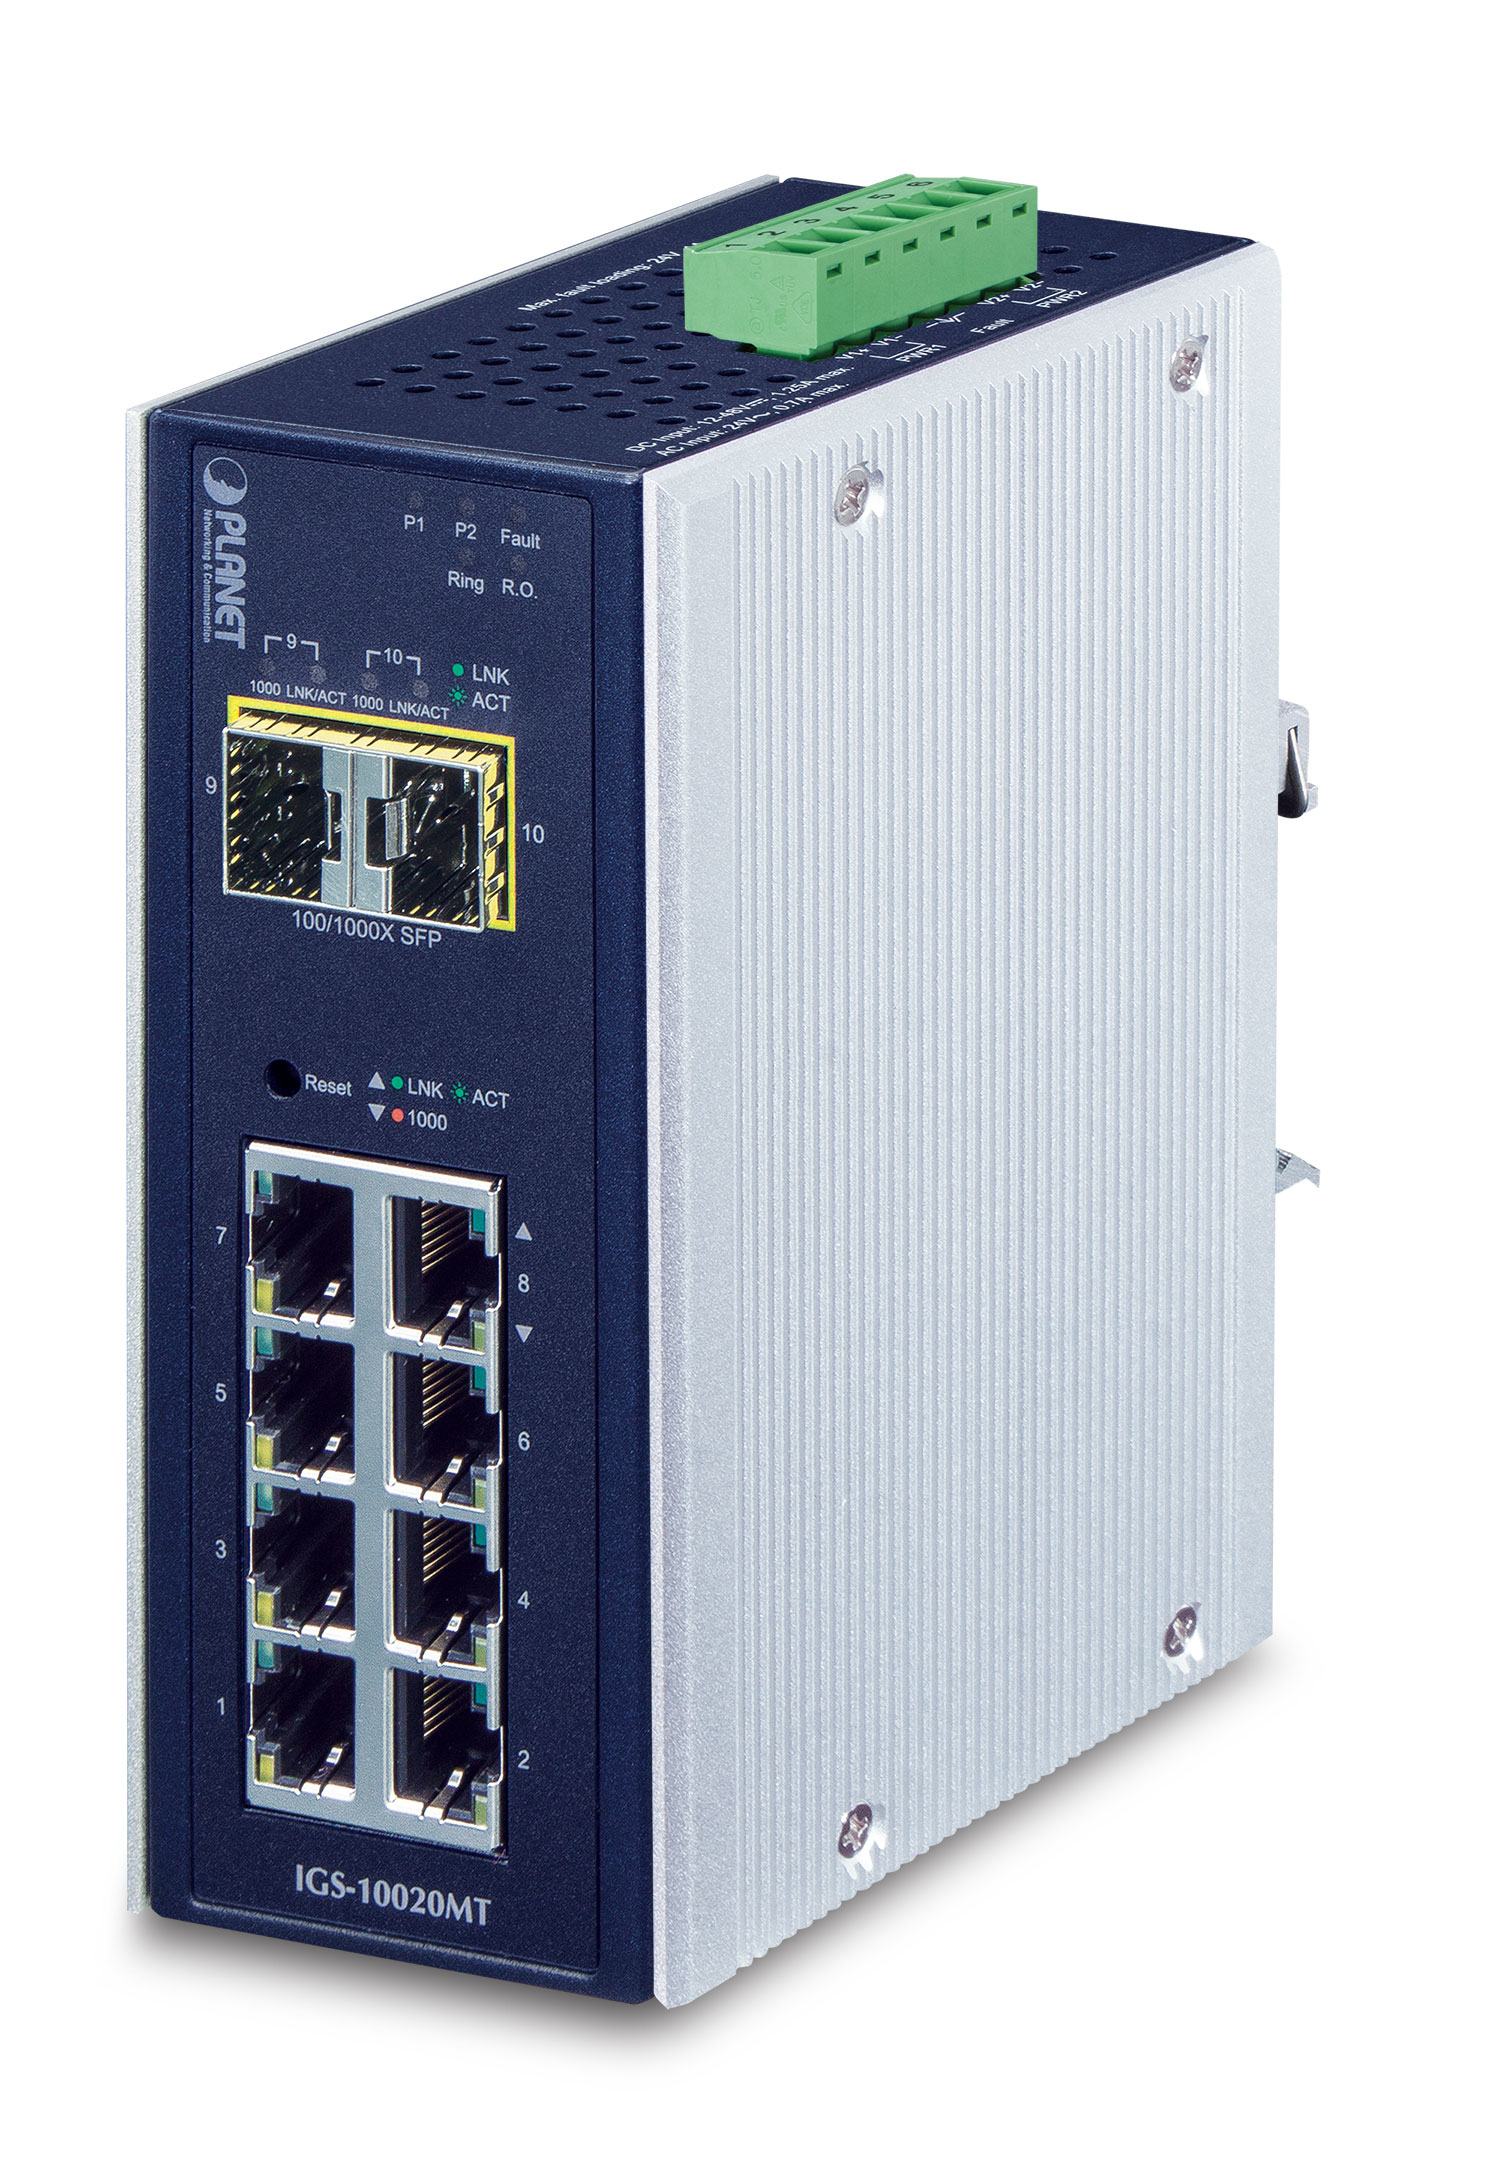 IGS-10020MT